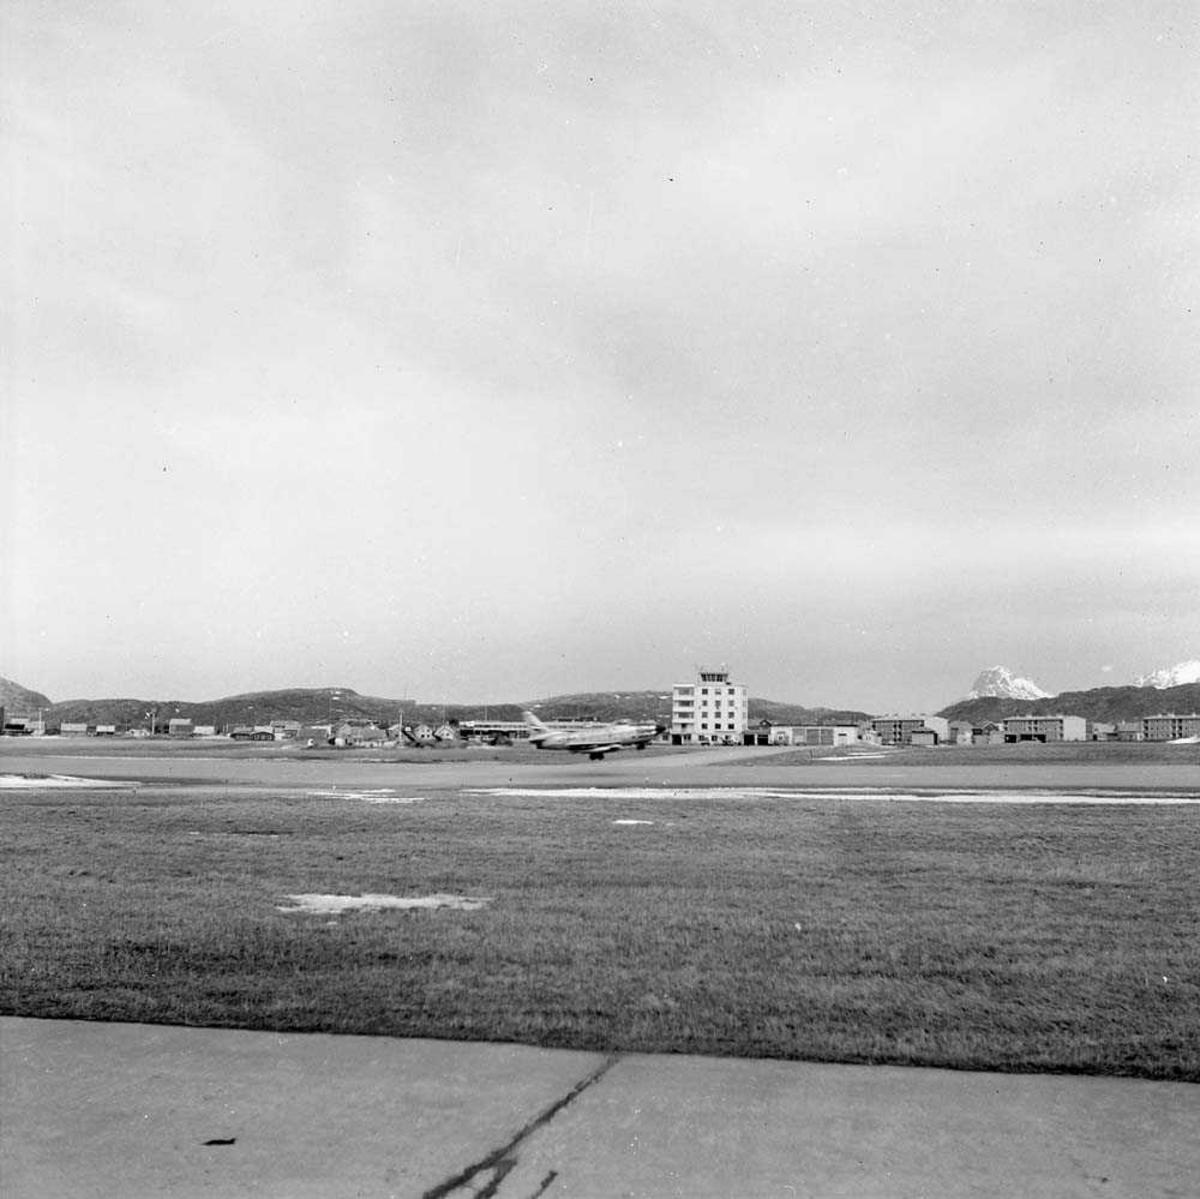 Flytårnet på Bodø flystajon. En F-86-K Sabre, tilhørende 334 skvadron, er i ferd med å ta av.